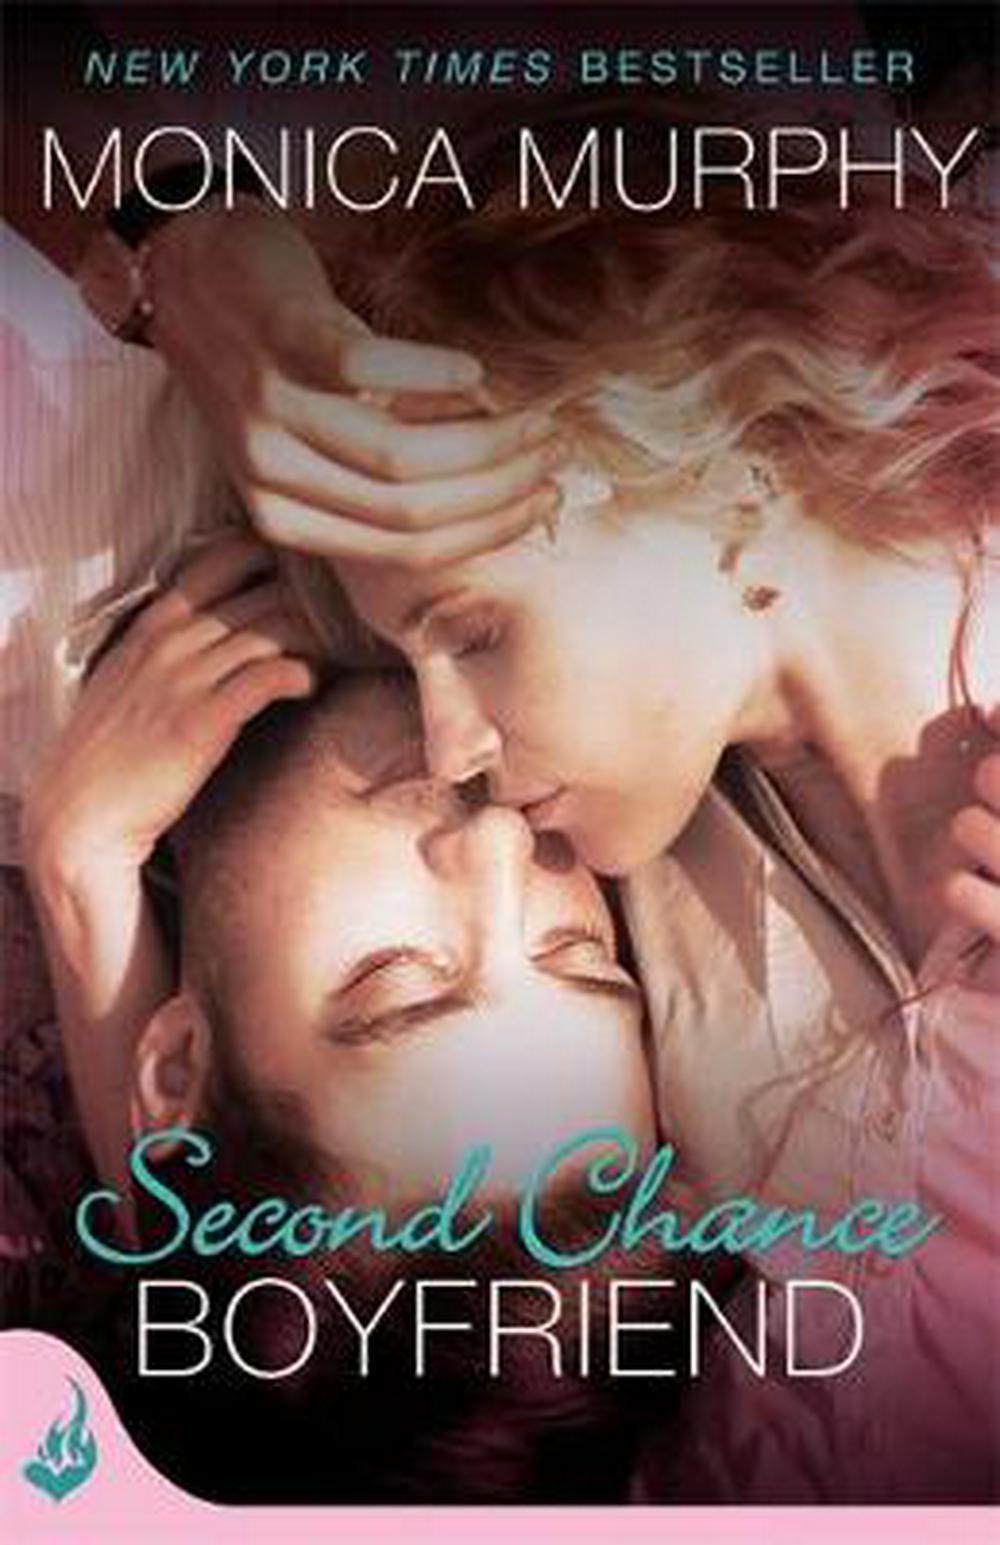 Second Chance Boyfriend (One Week Girlfriend #2) by Monica Murphy